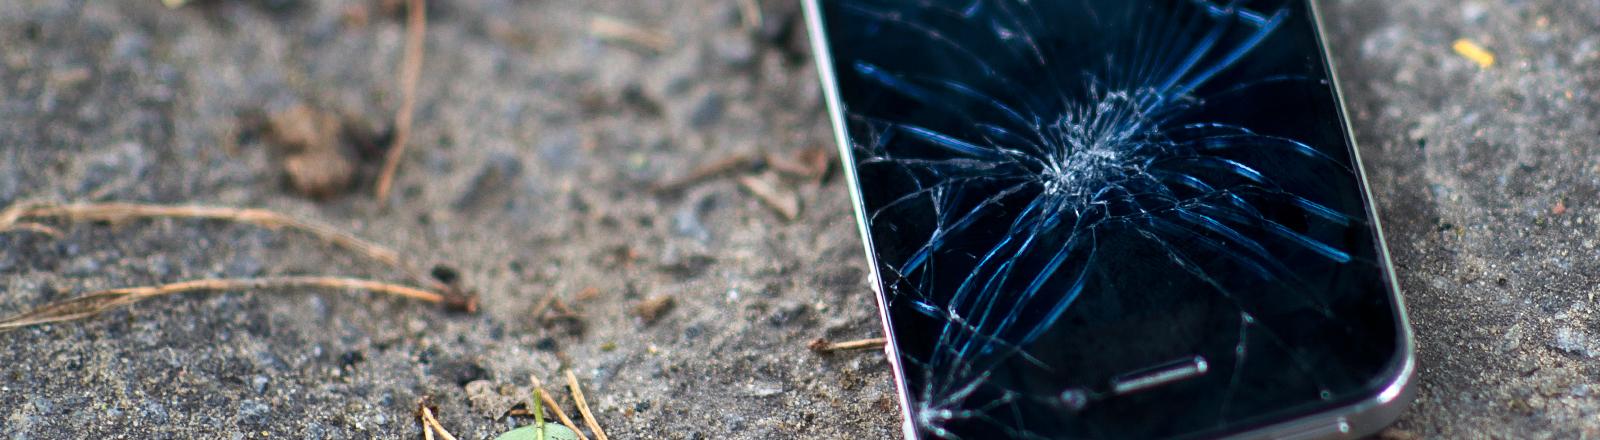 Ein Smartphone mit zerstörtem Display.